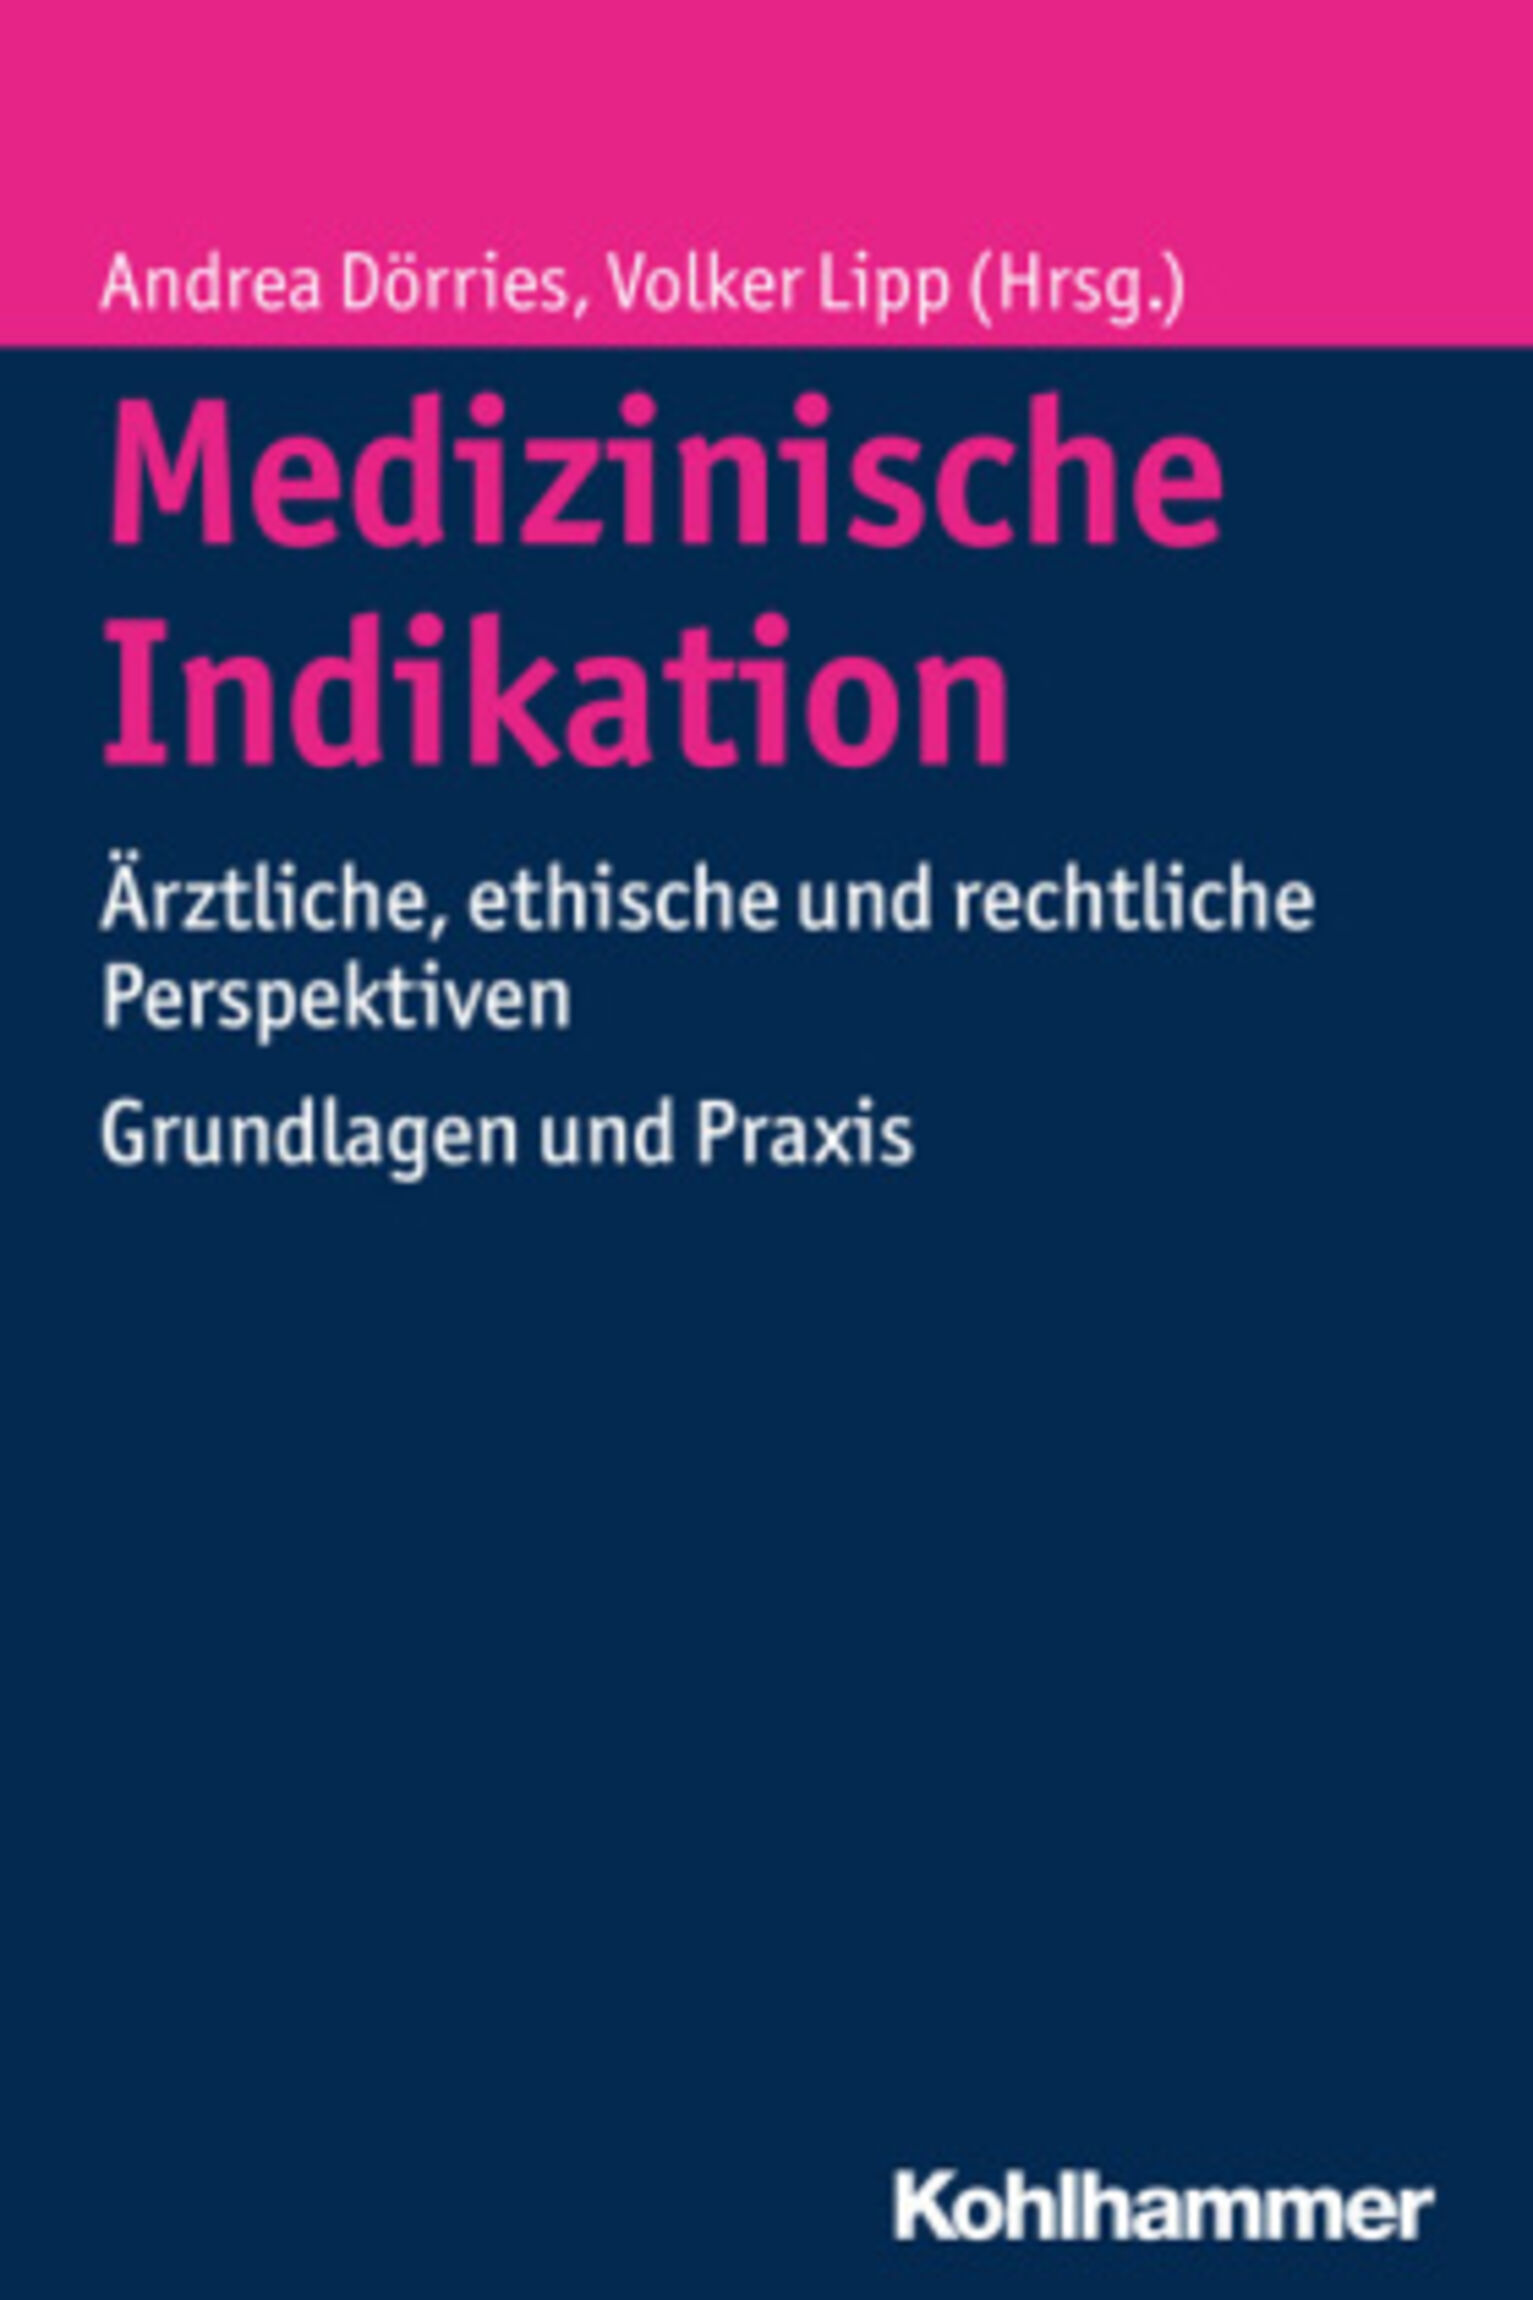 Medizinische Indikation Buchcover